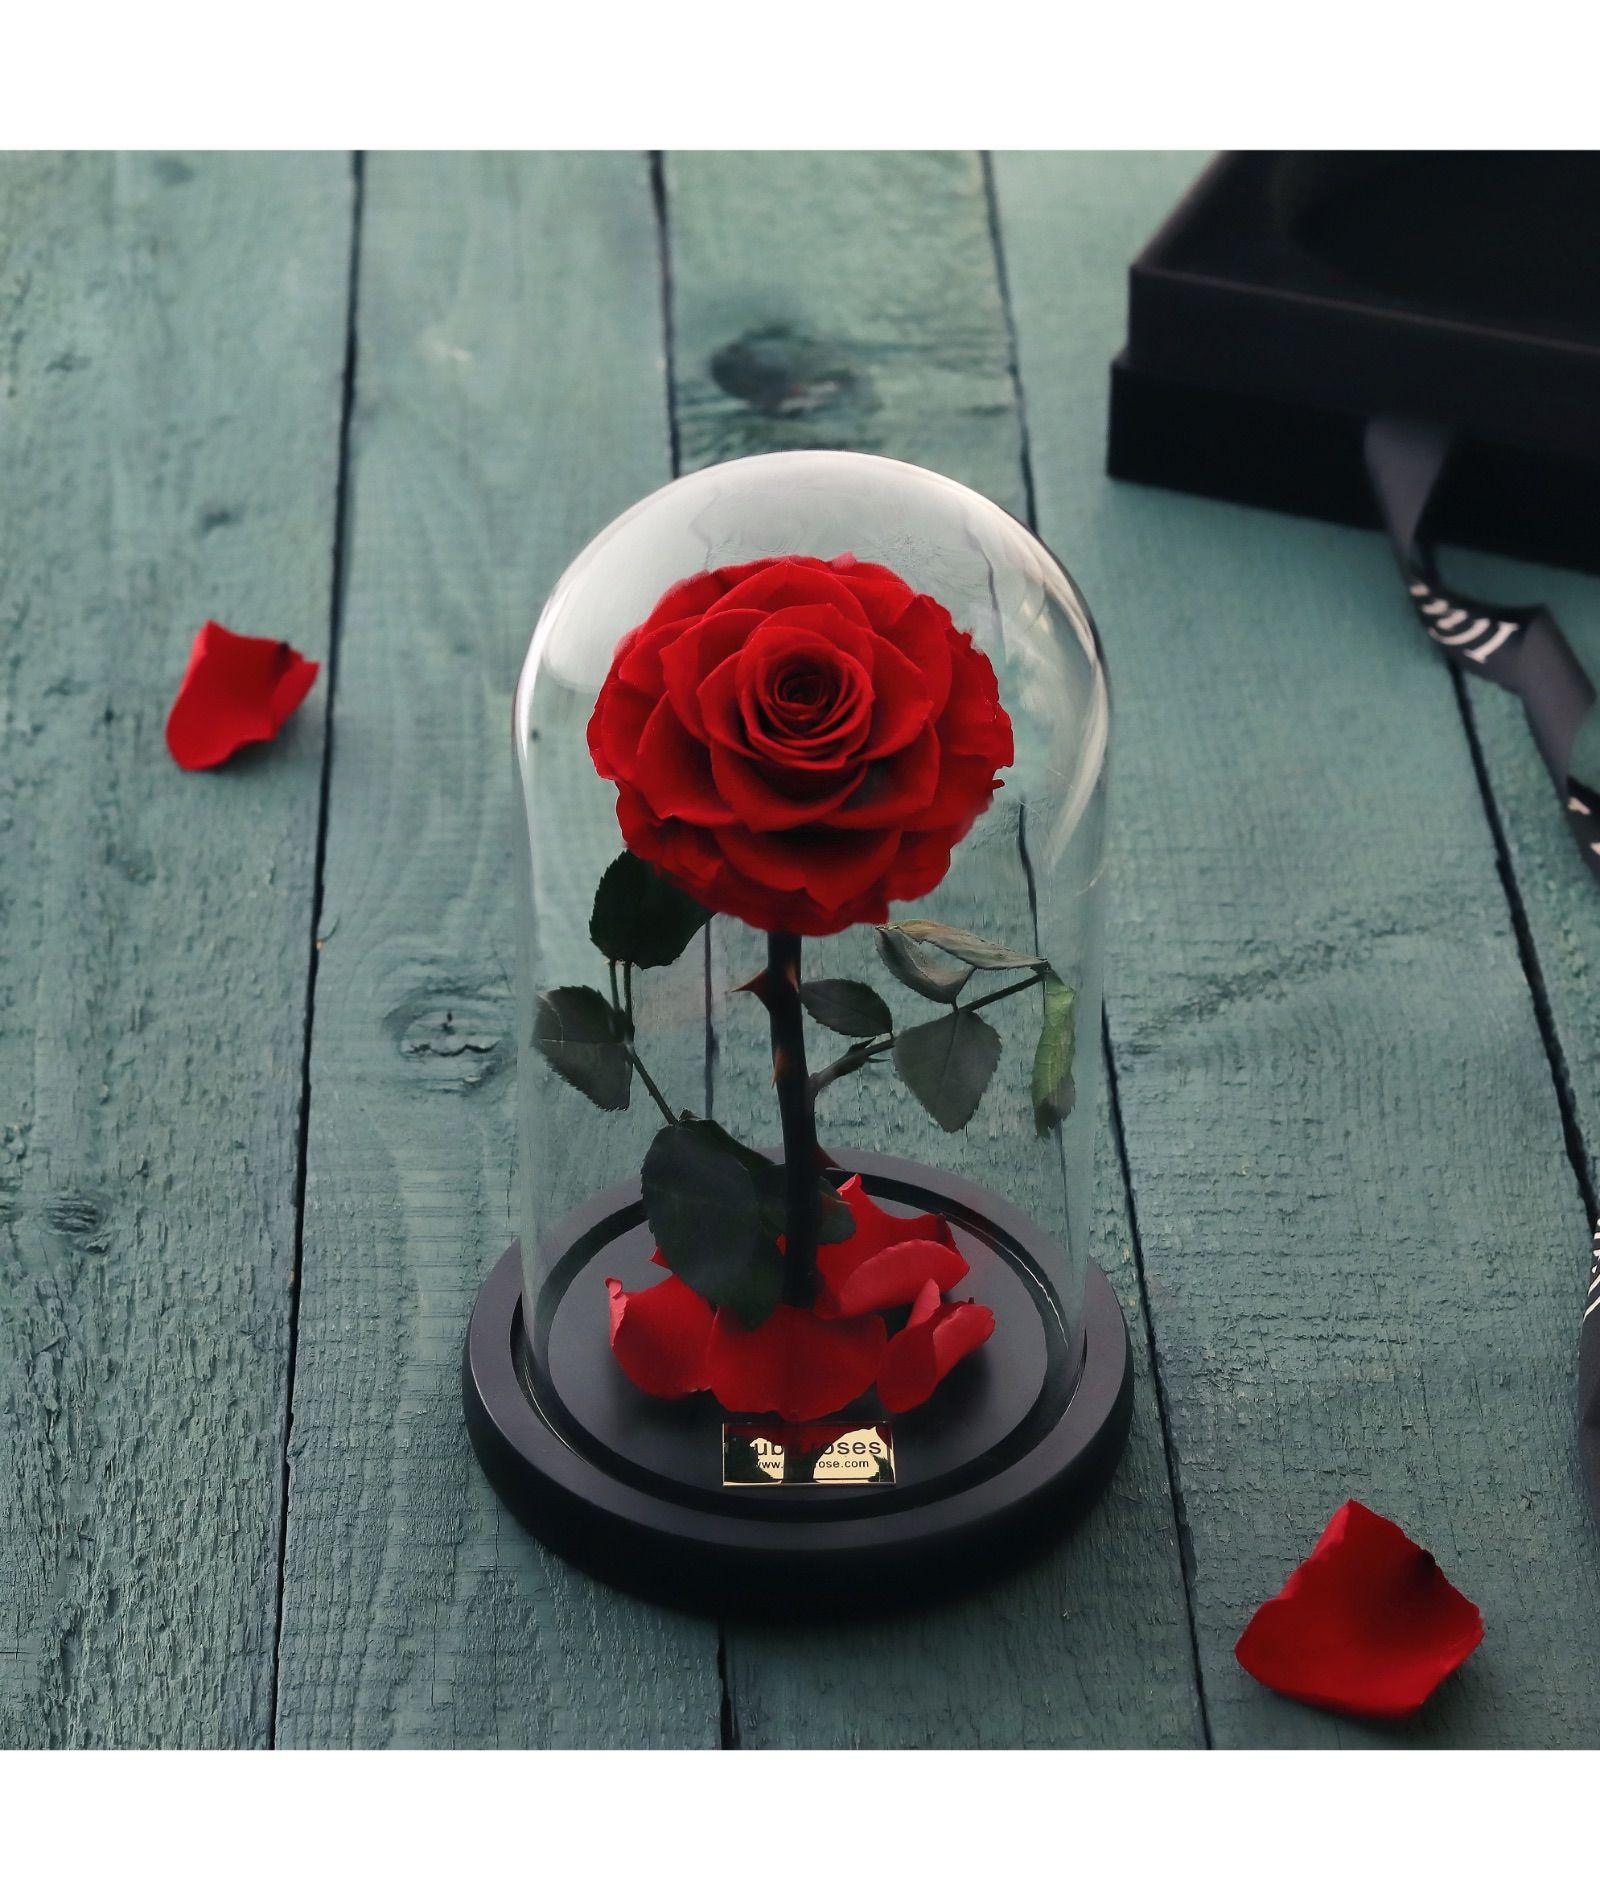 وردة ايلوبا روز احمر داخل فازة زجاجية All Things